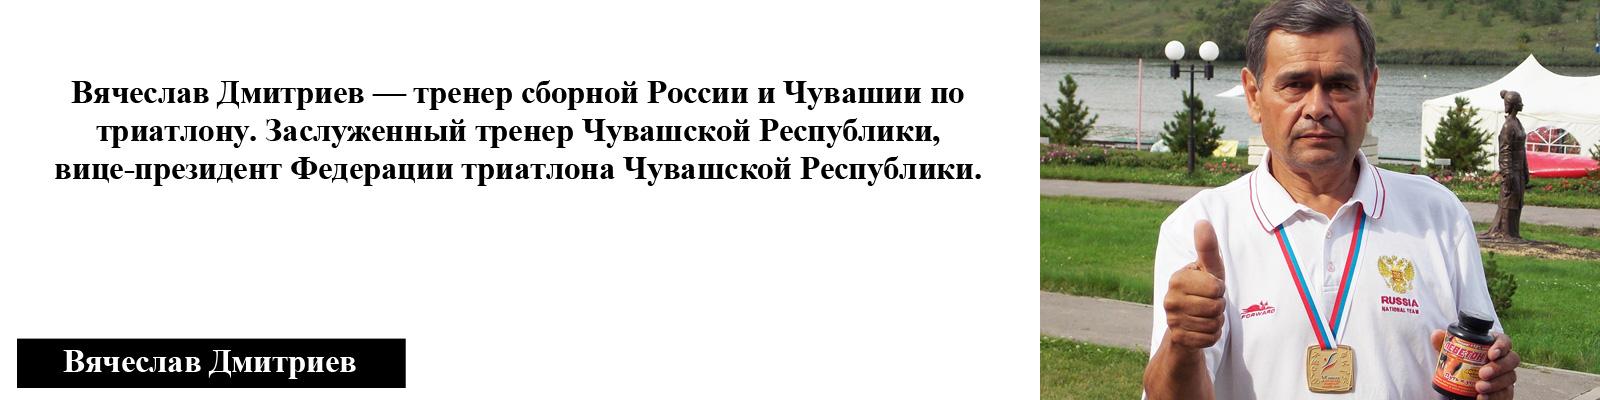 Дмитриев триатлон